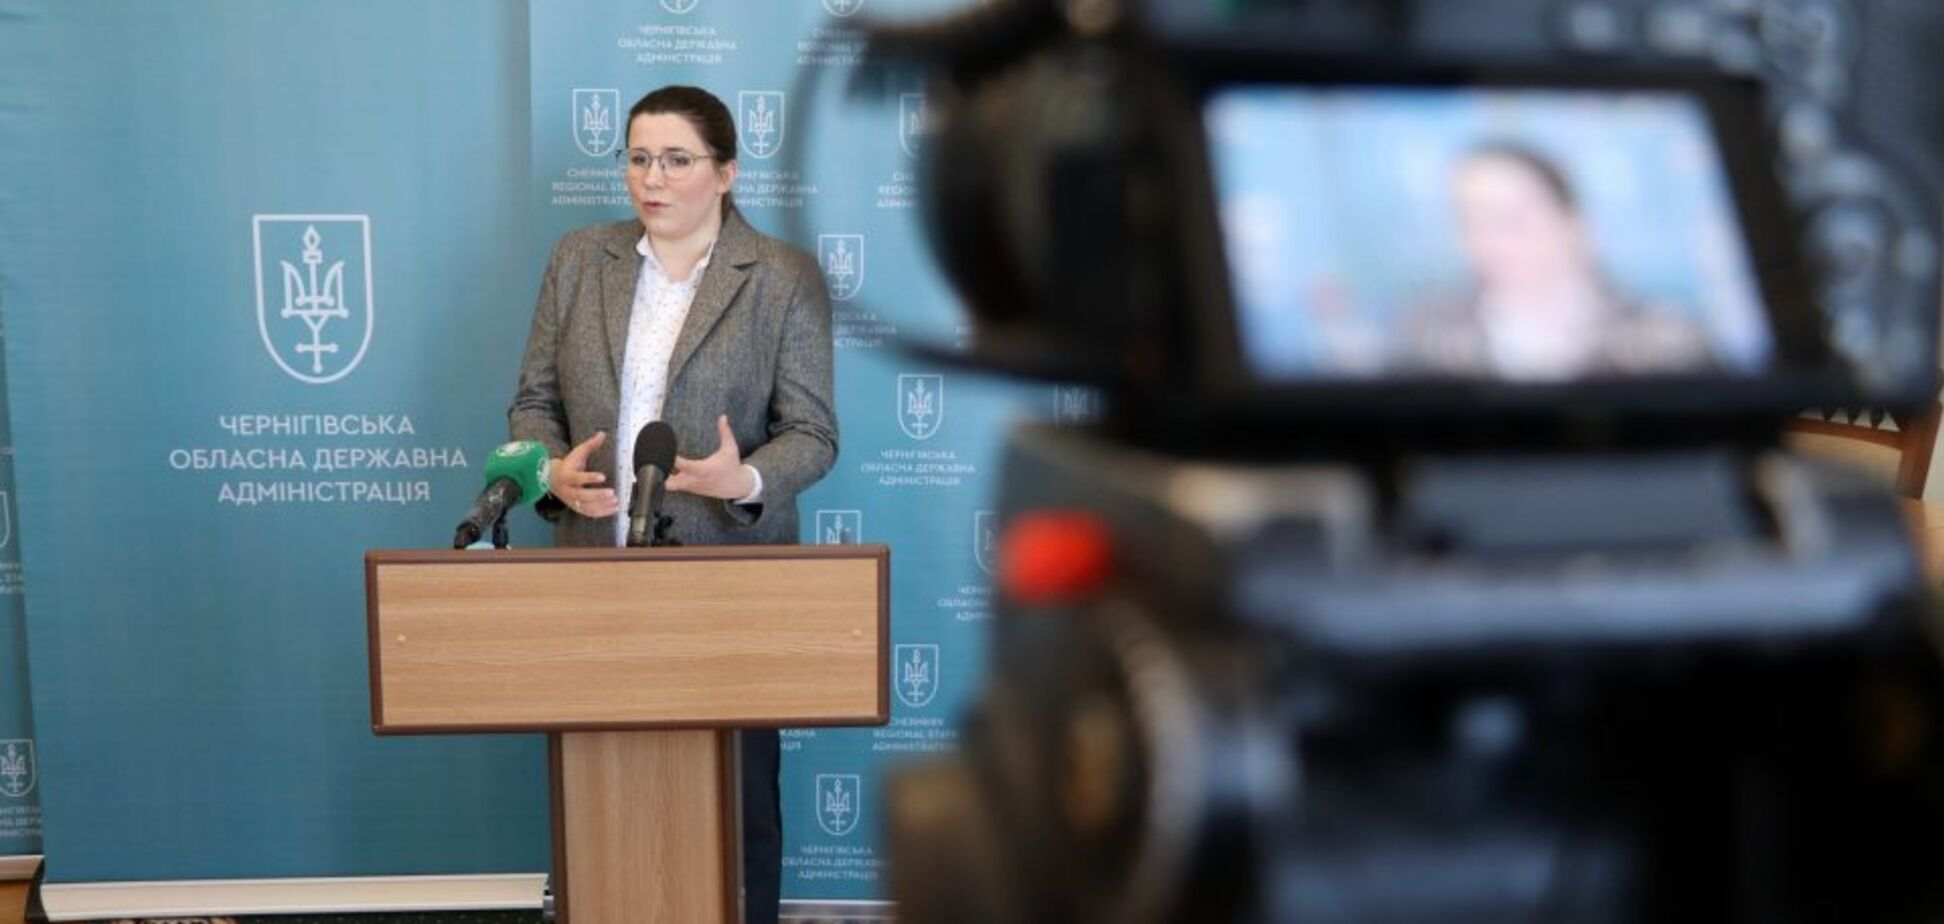 На Черниговщине проведут сборы территориальной обороны: присоединятся органы власти всех уровней